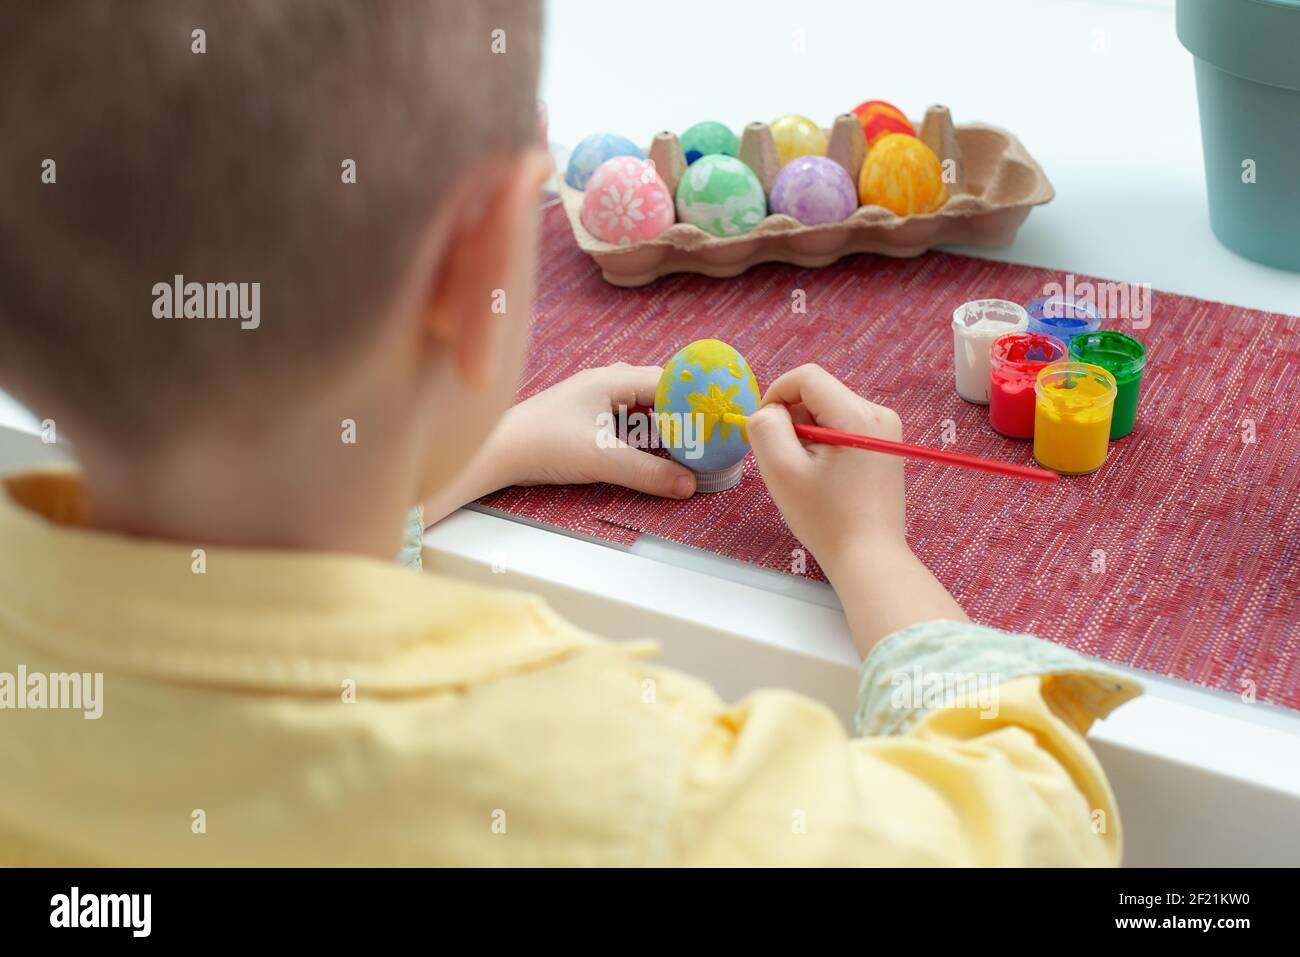 Creadora Caucásica niño pintando huevos de Pascua. Niño preescolar decorar y pintar huevos de pascua en diferentes colores. Preparación para la fiesta EAS Foto de stock